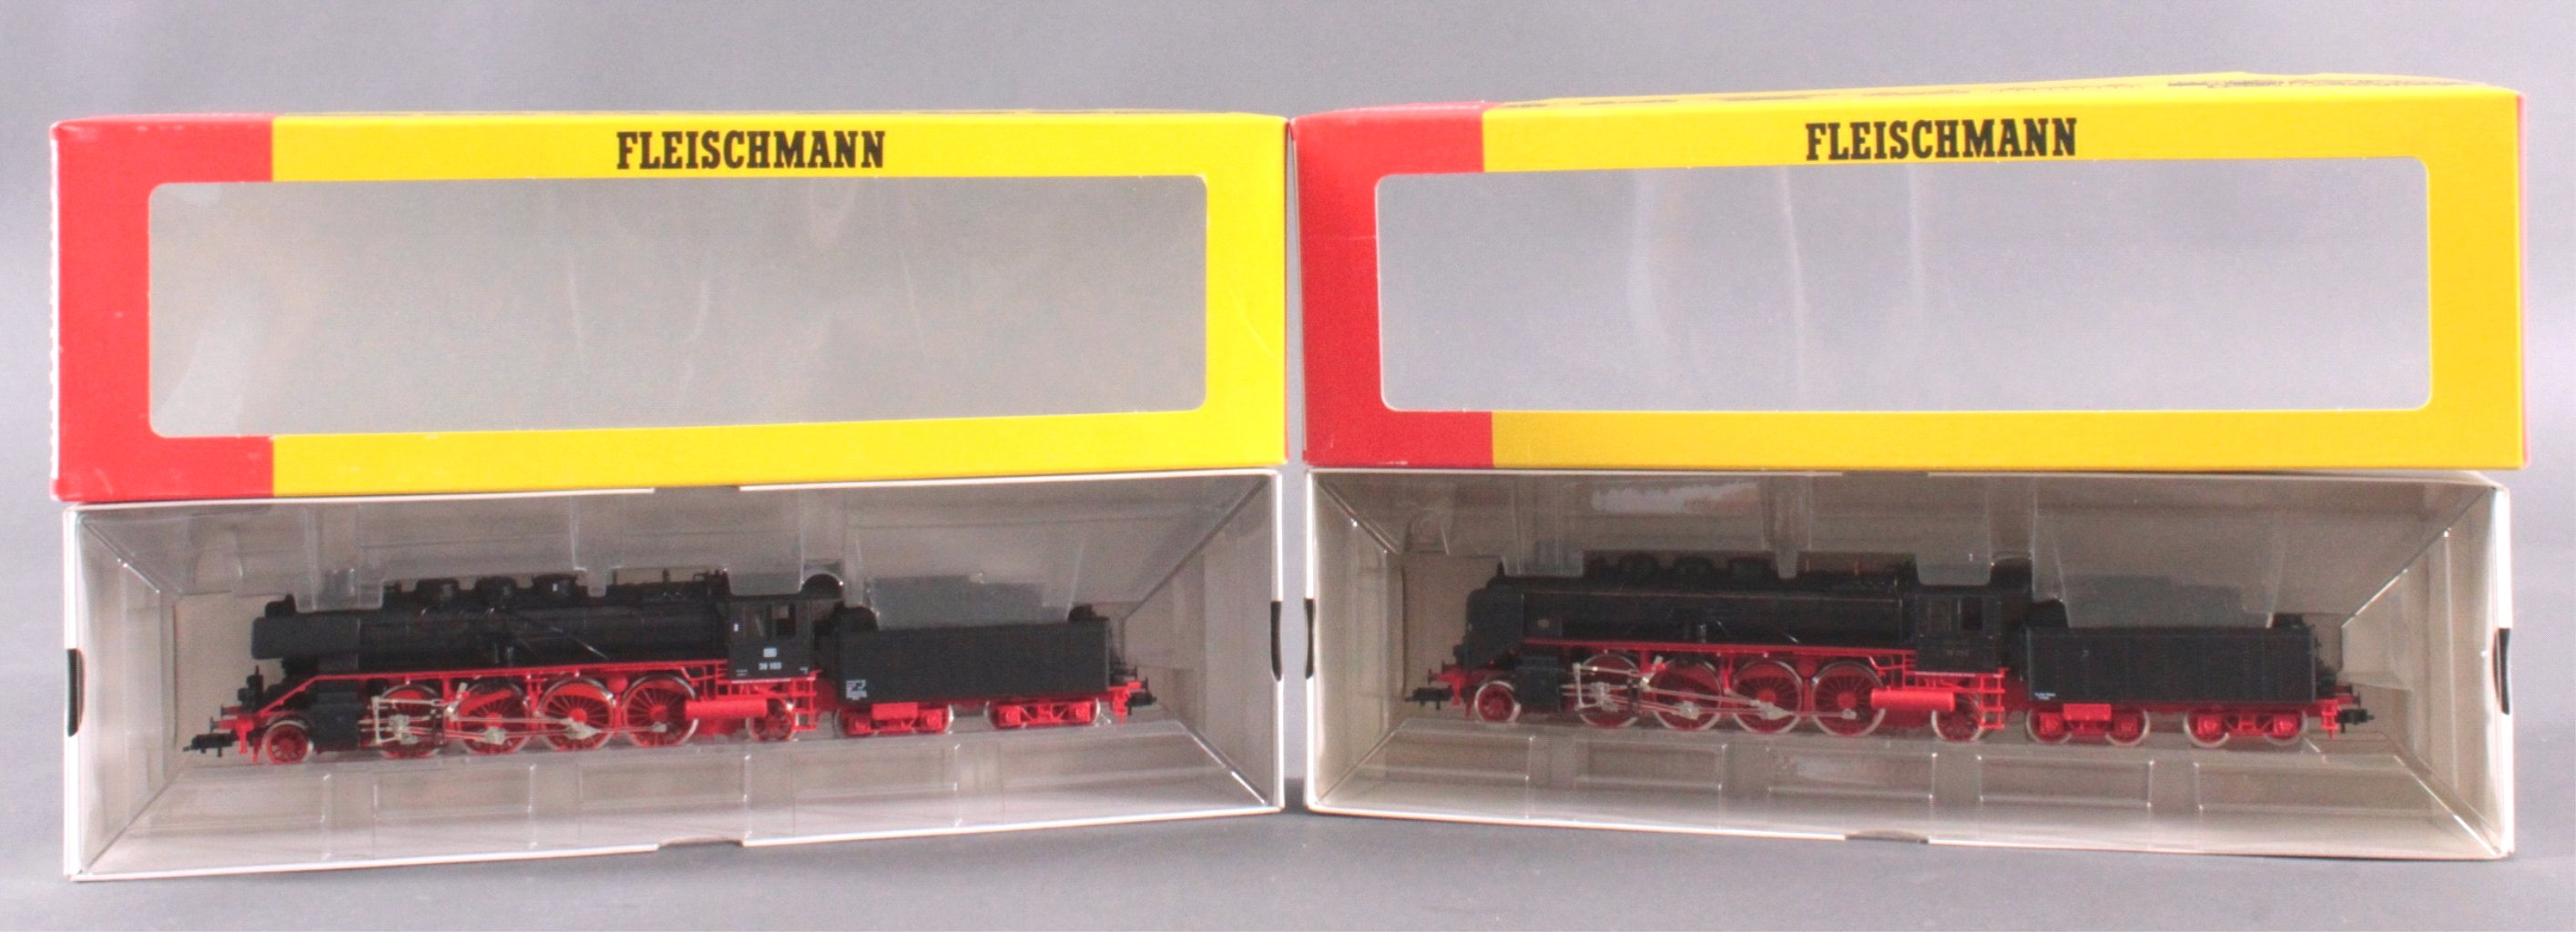 Fleischmann Dampfloks BR 39 103 und BR 39 204 Spur H0